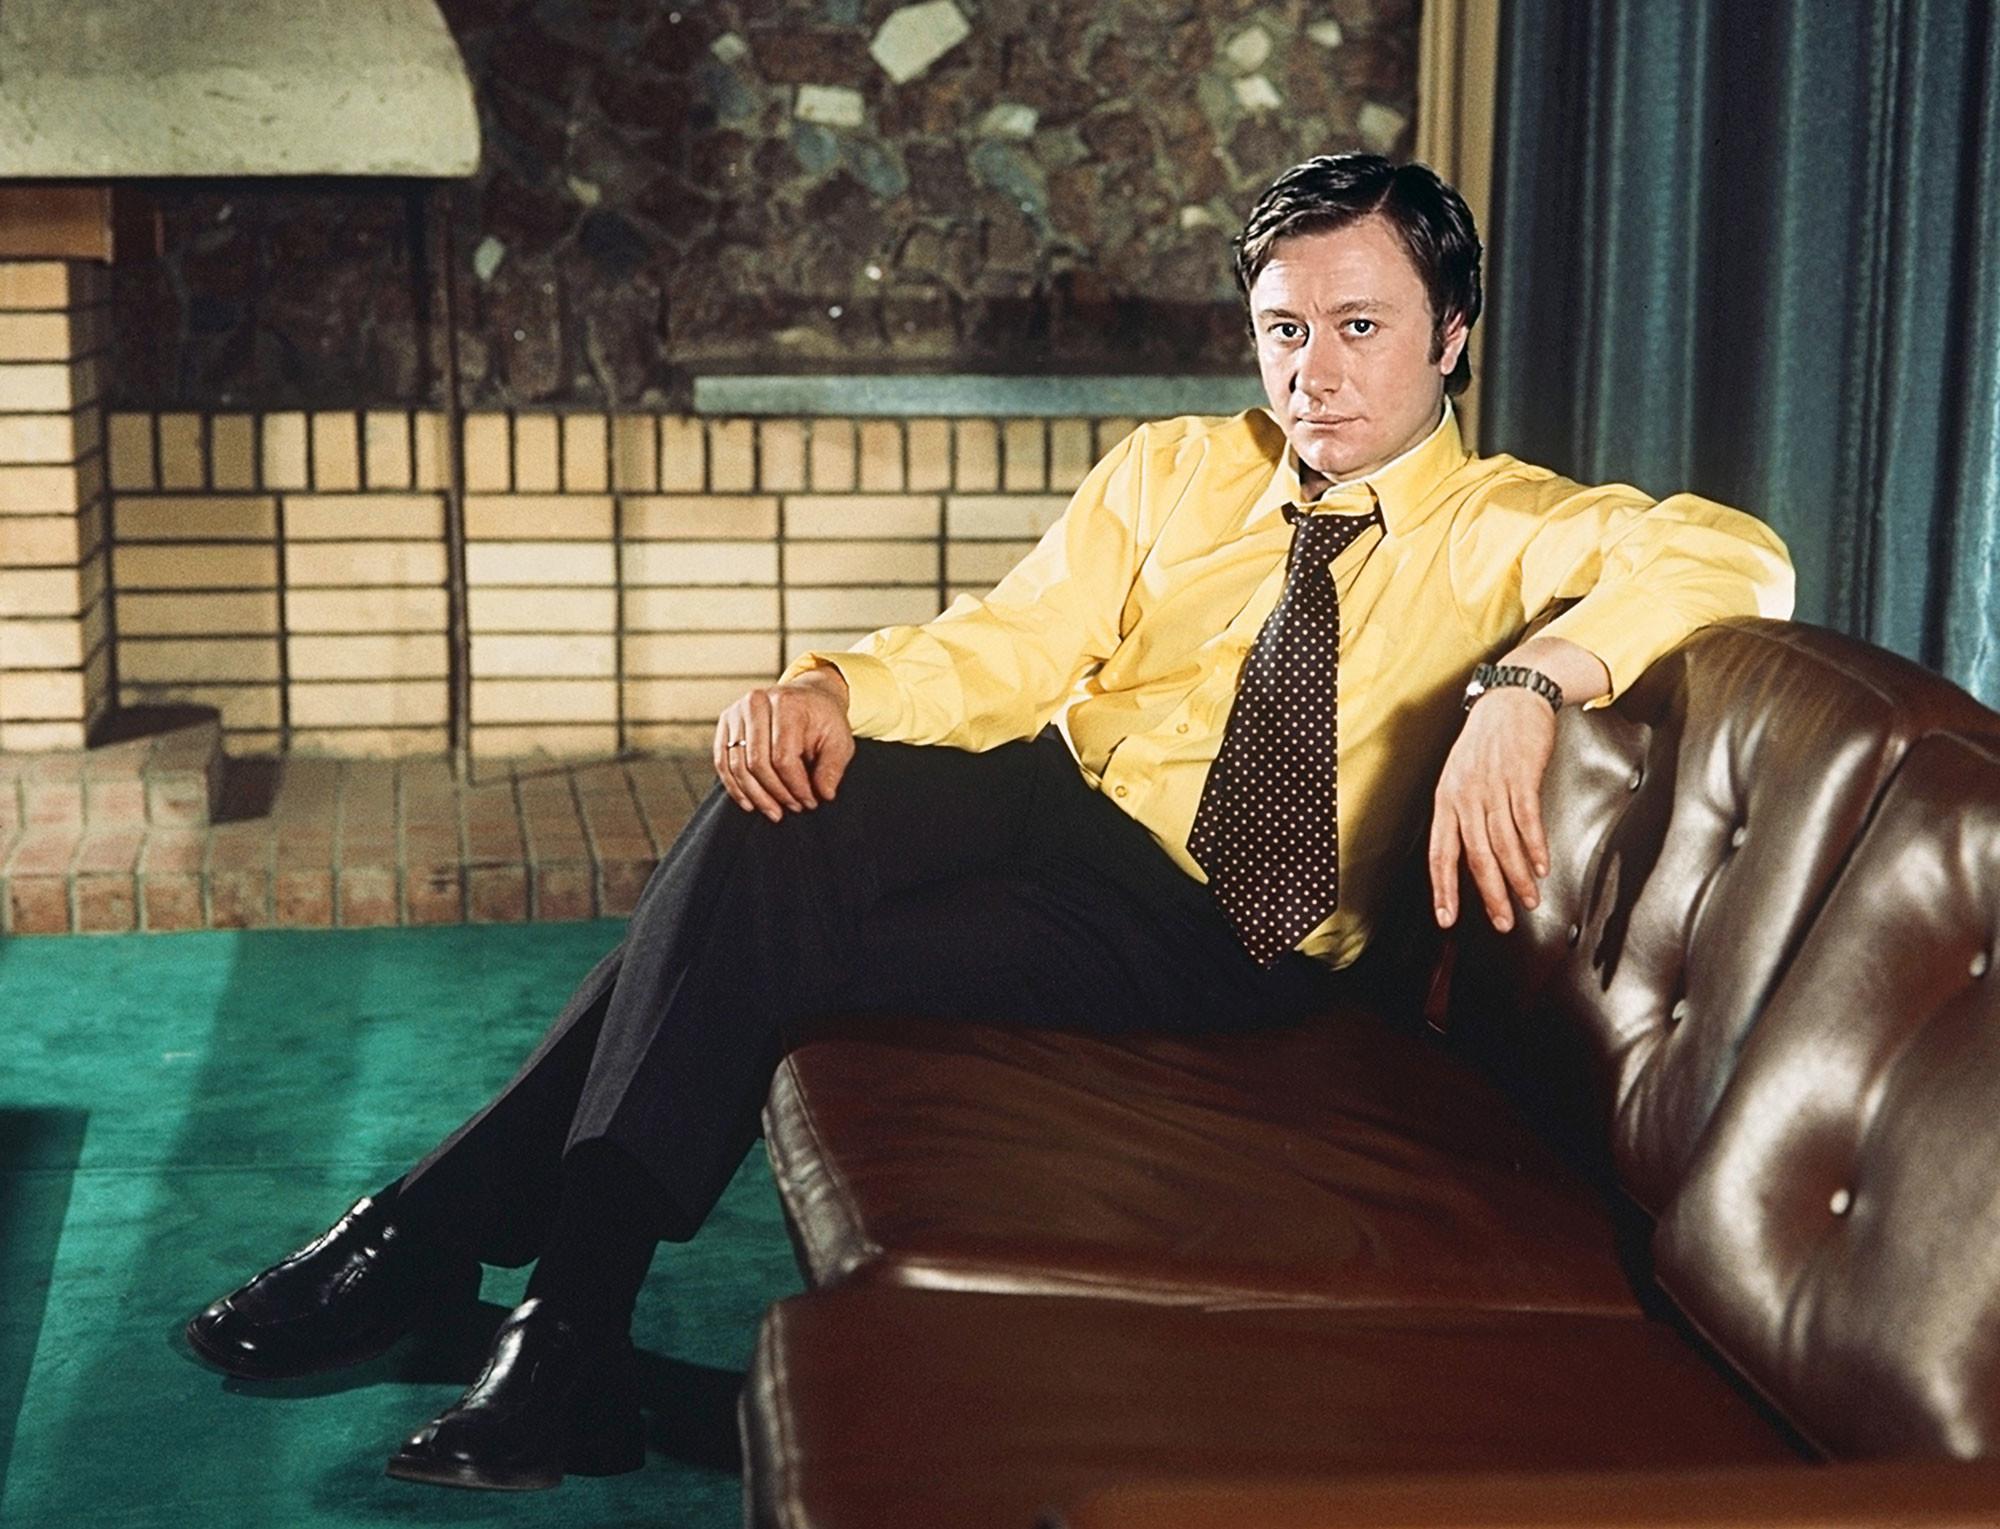 Актёр театра и кино Андрей Миронов. Фото: ©РИА Новости / В. Бондарев